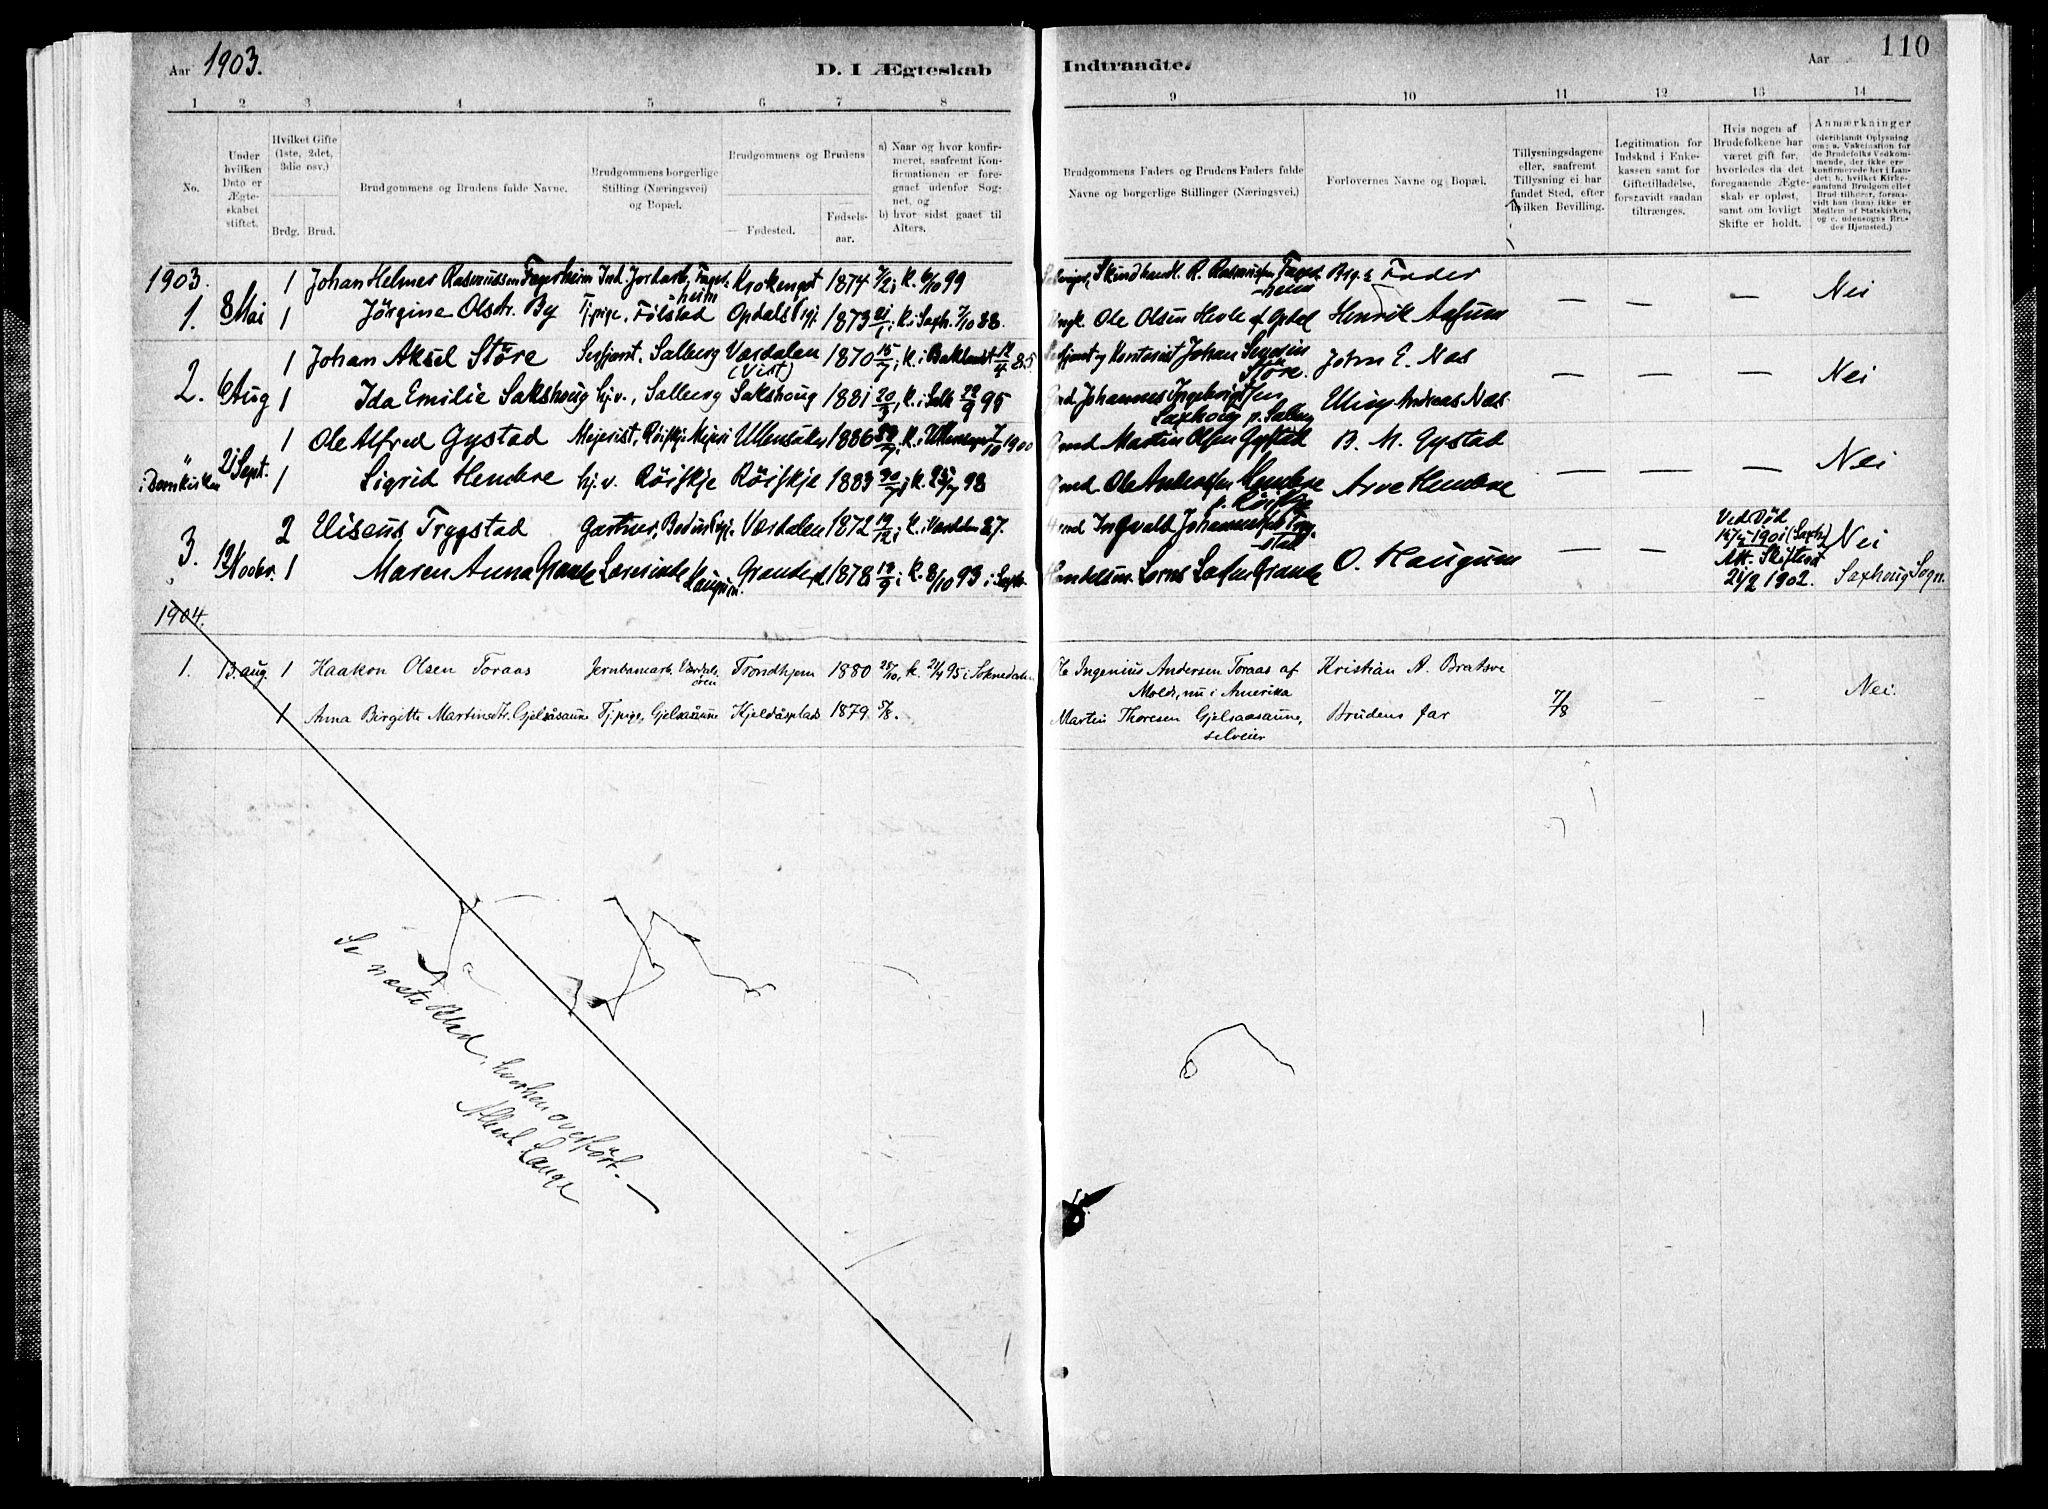 SAT, Ministerialprotokoller, klokkerbøker og fødselsregistre - Nord-Trøndelag, 731/L0309: Ministerialbok nr. 731A01, 1879-1918, s. 110